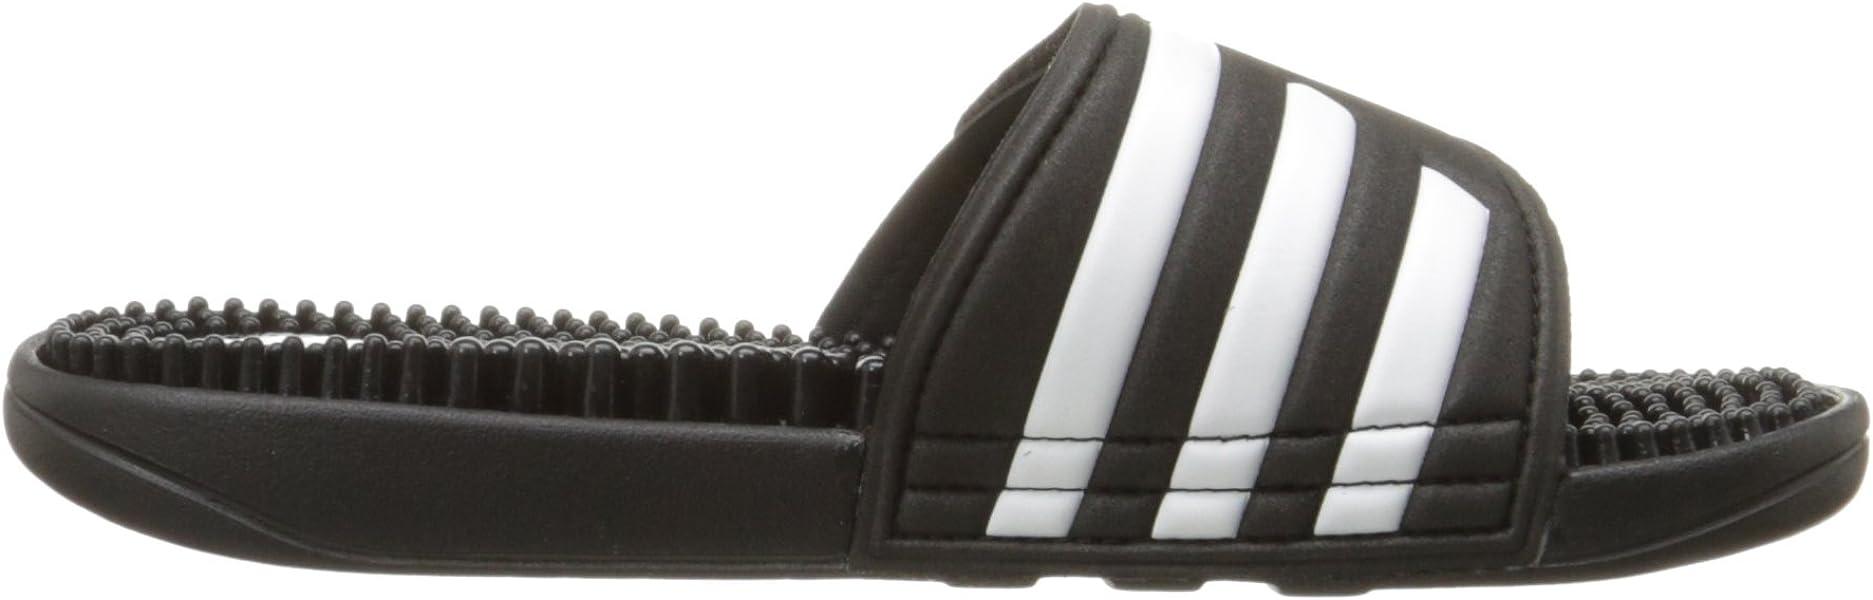 finest selection efbd7 9311a Performance adissage W Sandal Athletic, noir  noir  blanc, 4 M Us.  Retour. Appuyez ...